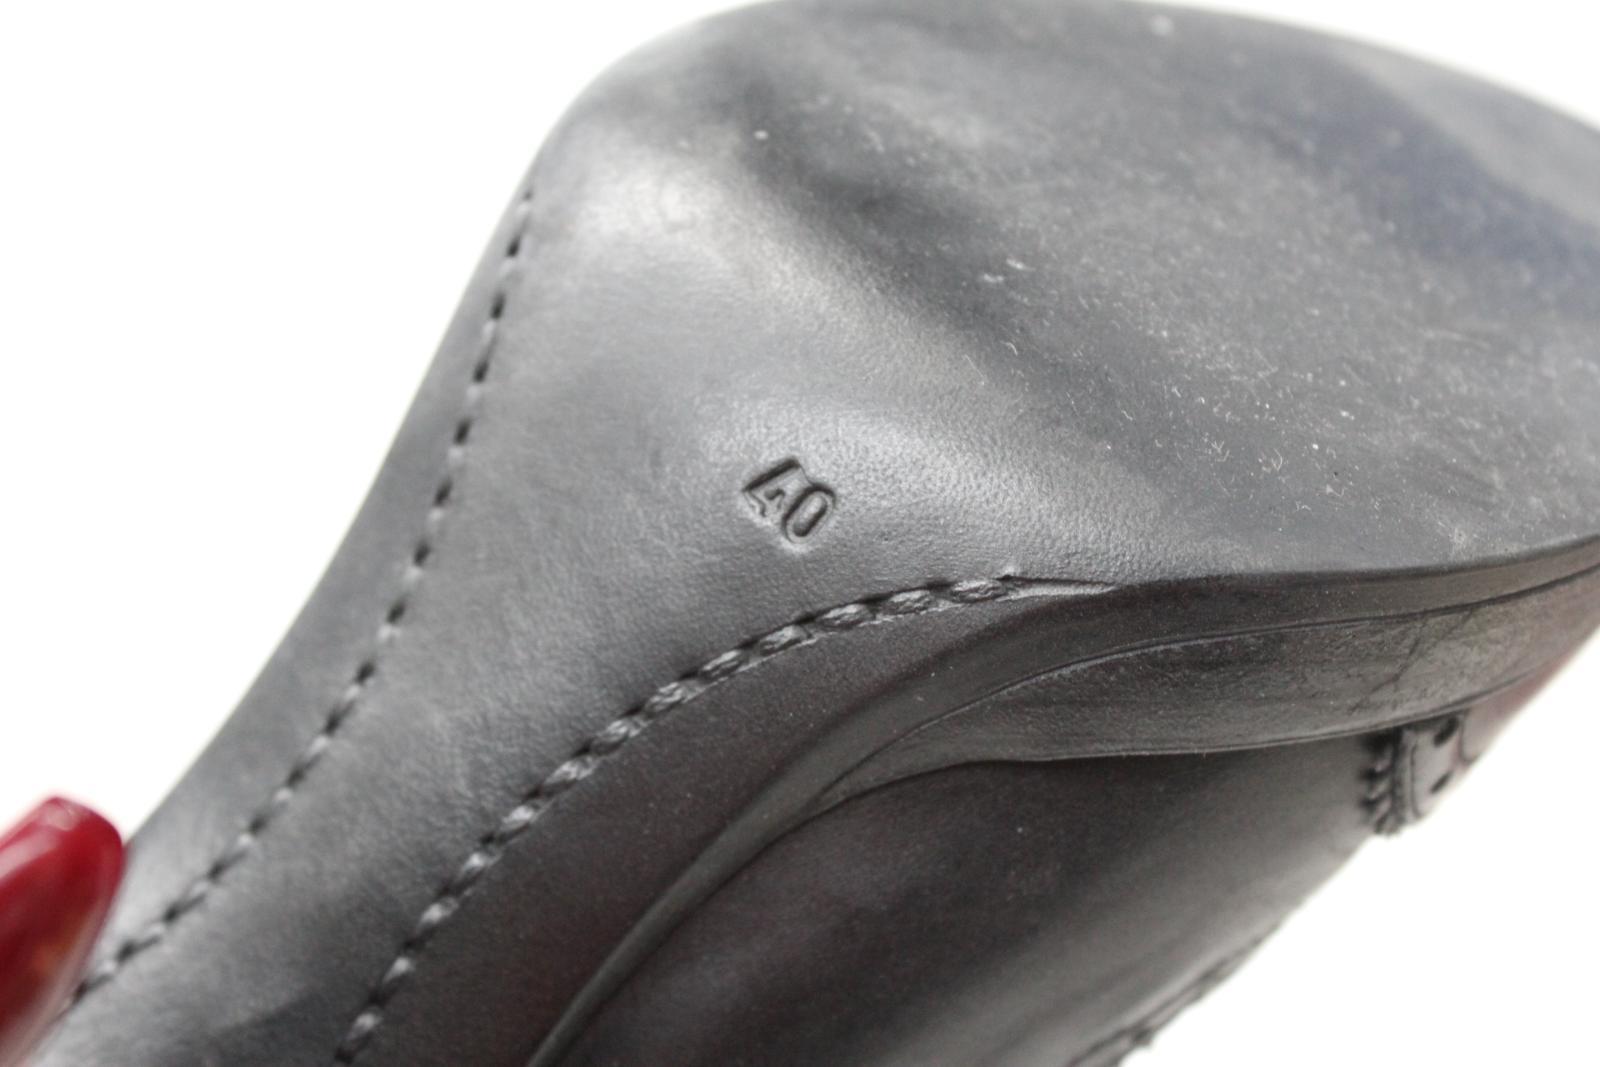 Carvela Damas Brogue De Cuero Negro botas Estilo Alta Zapato De Tacón Alto botas Negro UK7 EU40 25560c